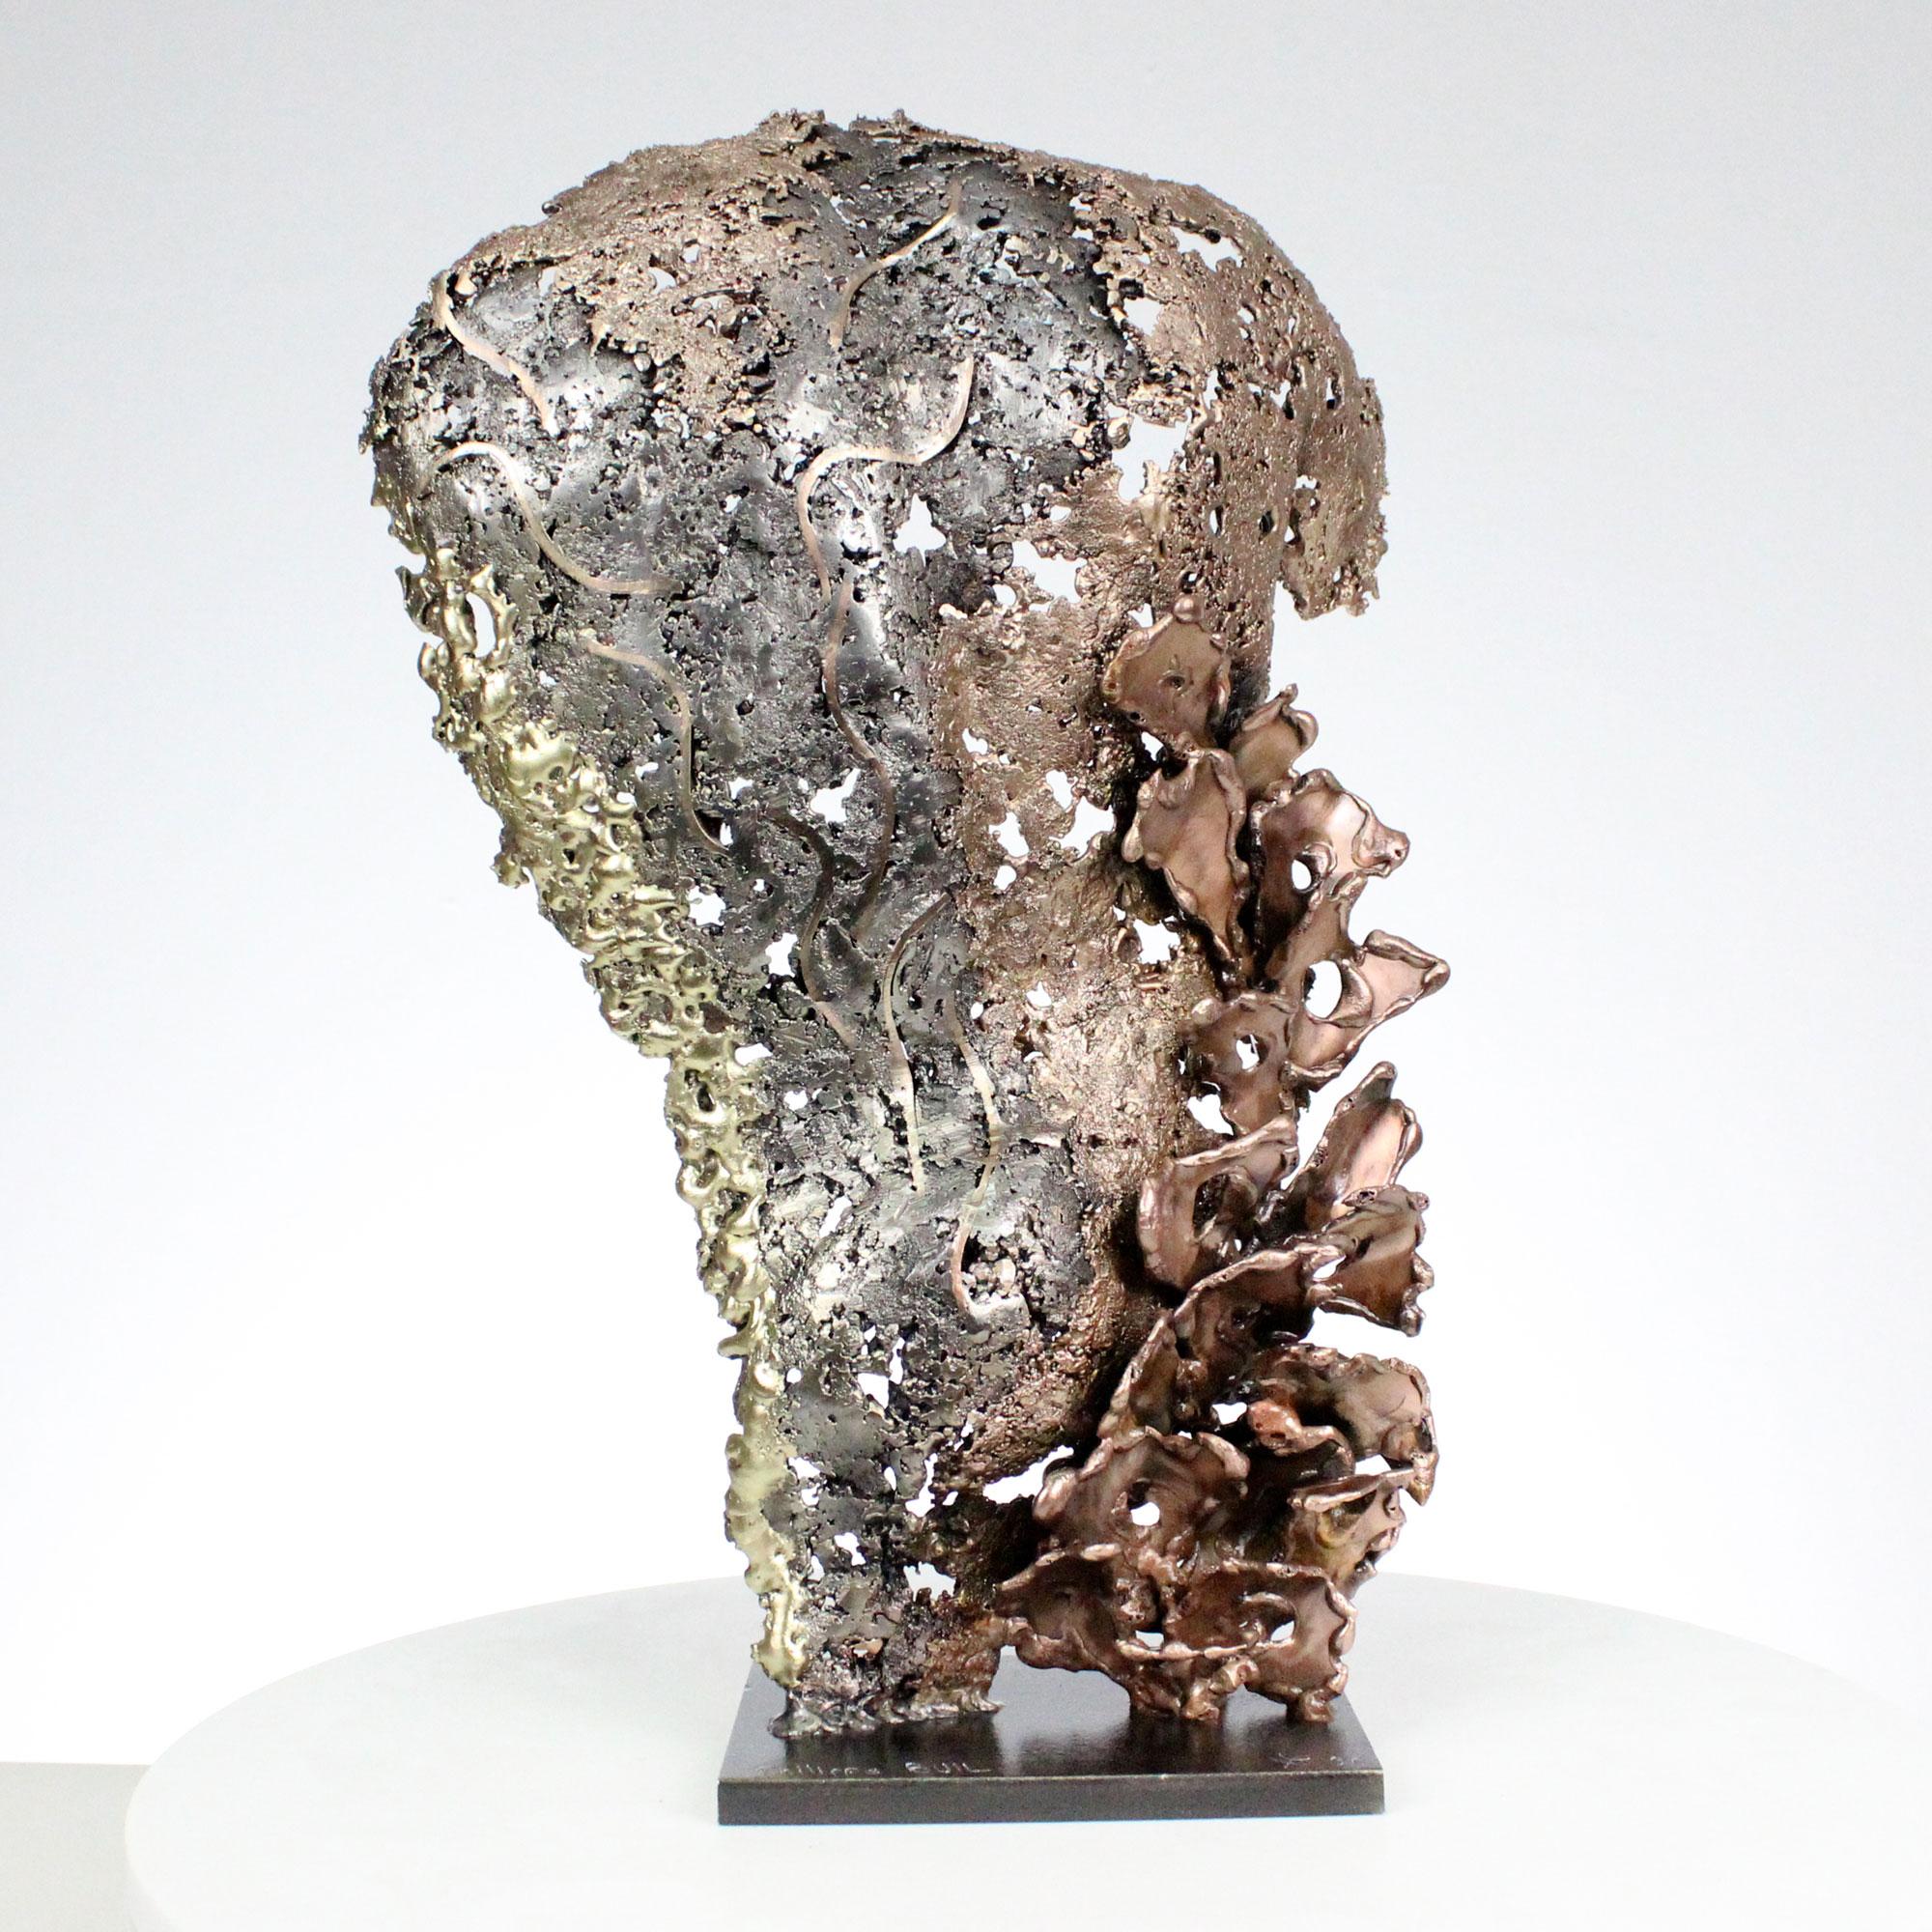 pavarti robins sculpture torse métal homme en dentelle acier bronze laiton - parvati robins sculpture torso metal man in lace steel bronze brass - Philippe Buil